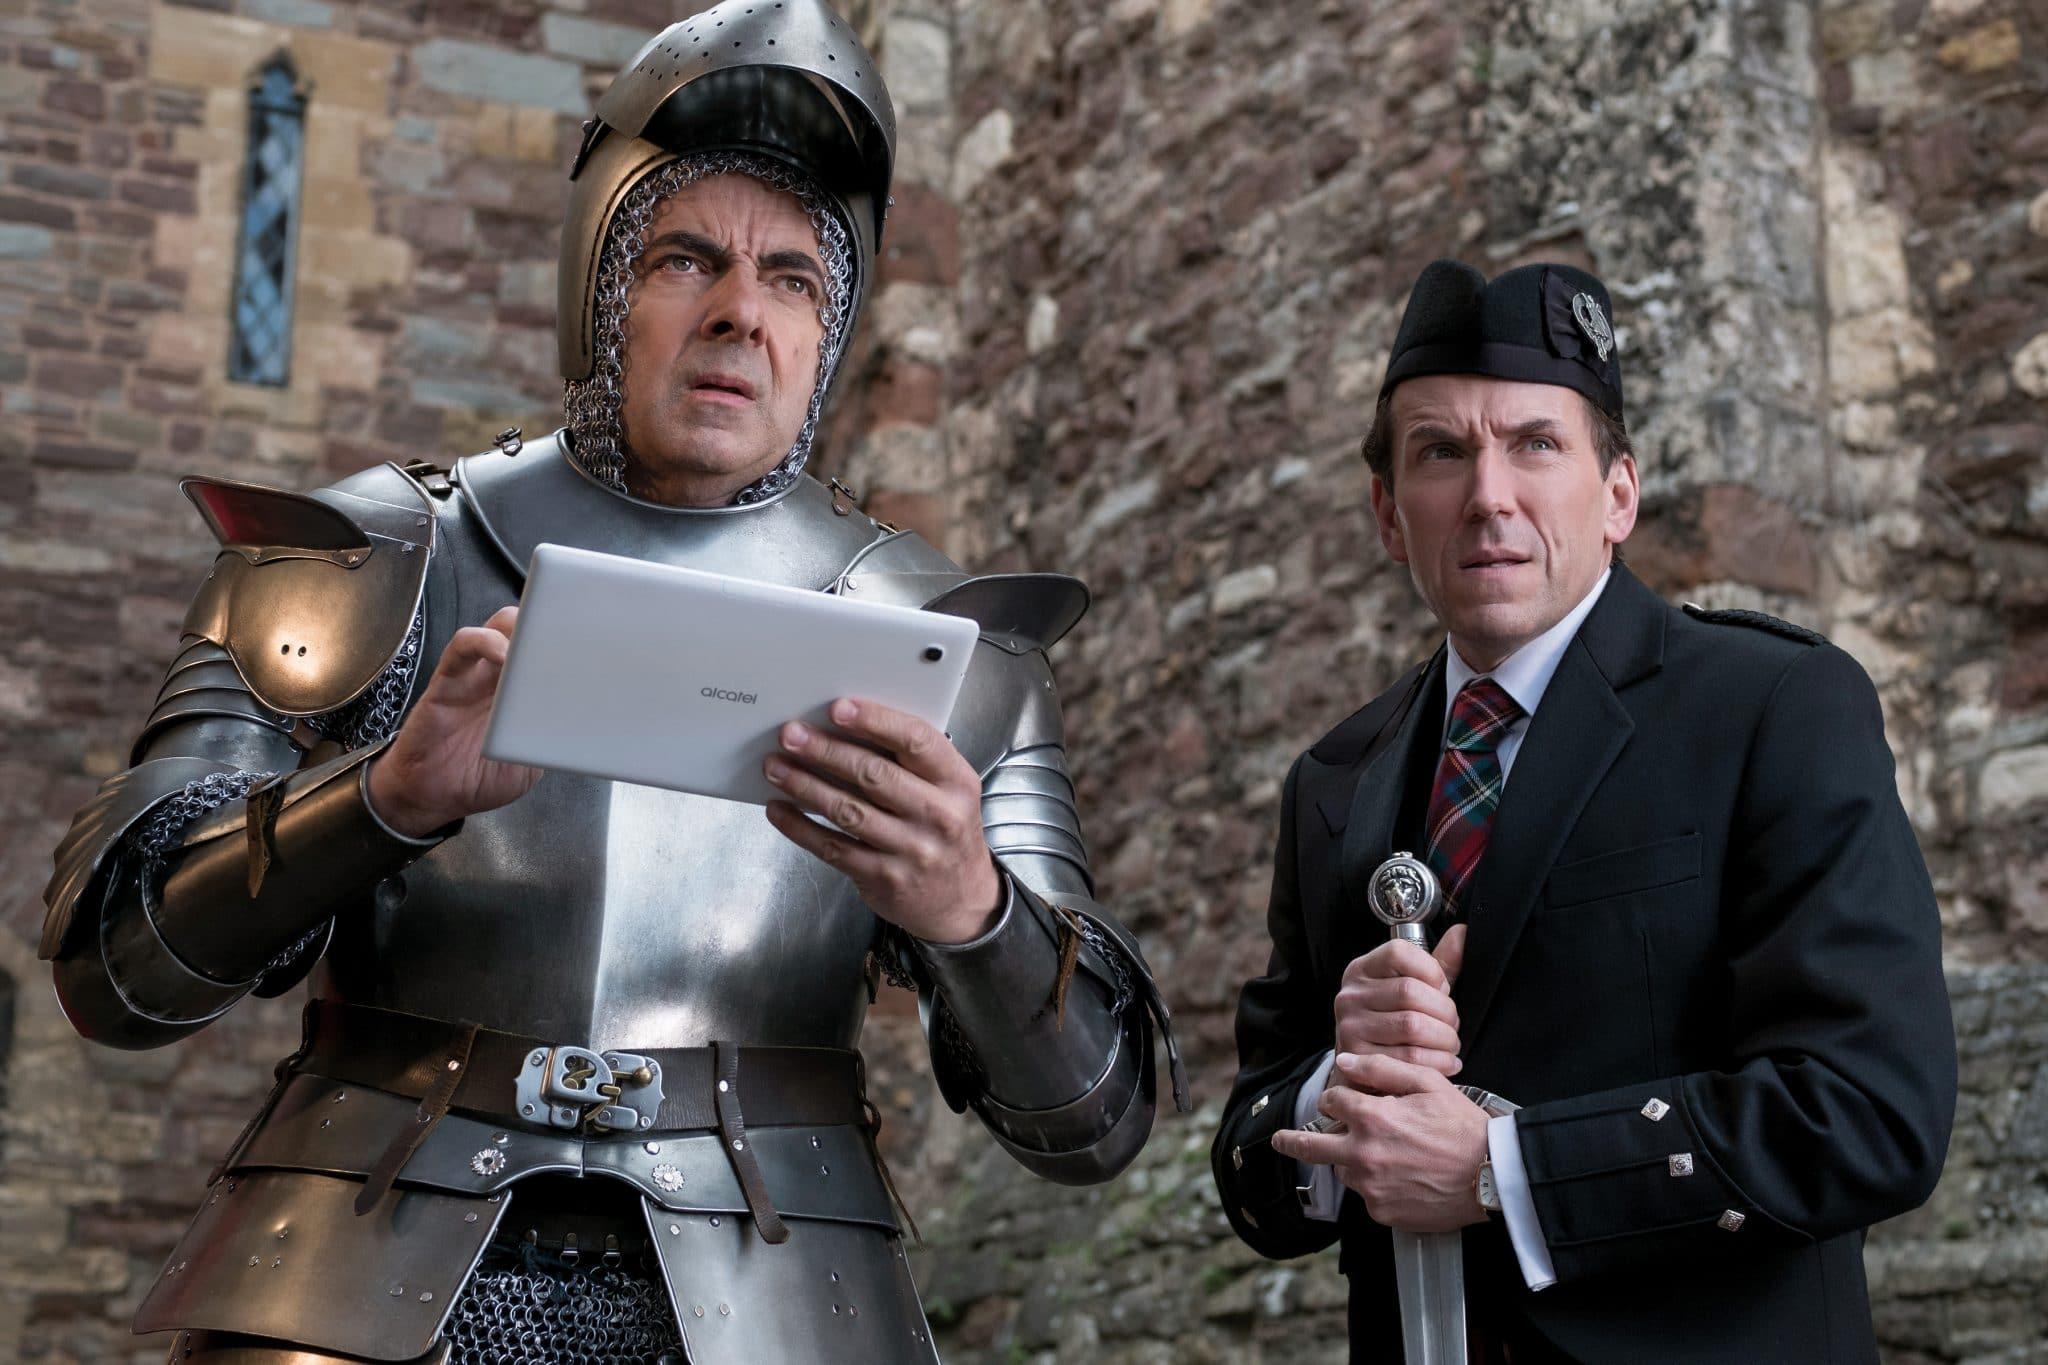 Johnny English (Rowan Atkinson) hält ein Tablet in seinen Händen während er eine Ritterrüstung trägt. Neben ihm steht sein Partner Rough (Ben Miller) in Uniform mit Schwert in den Händen.